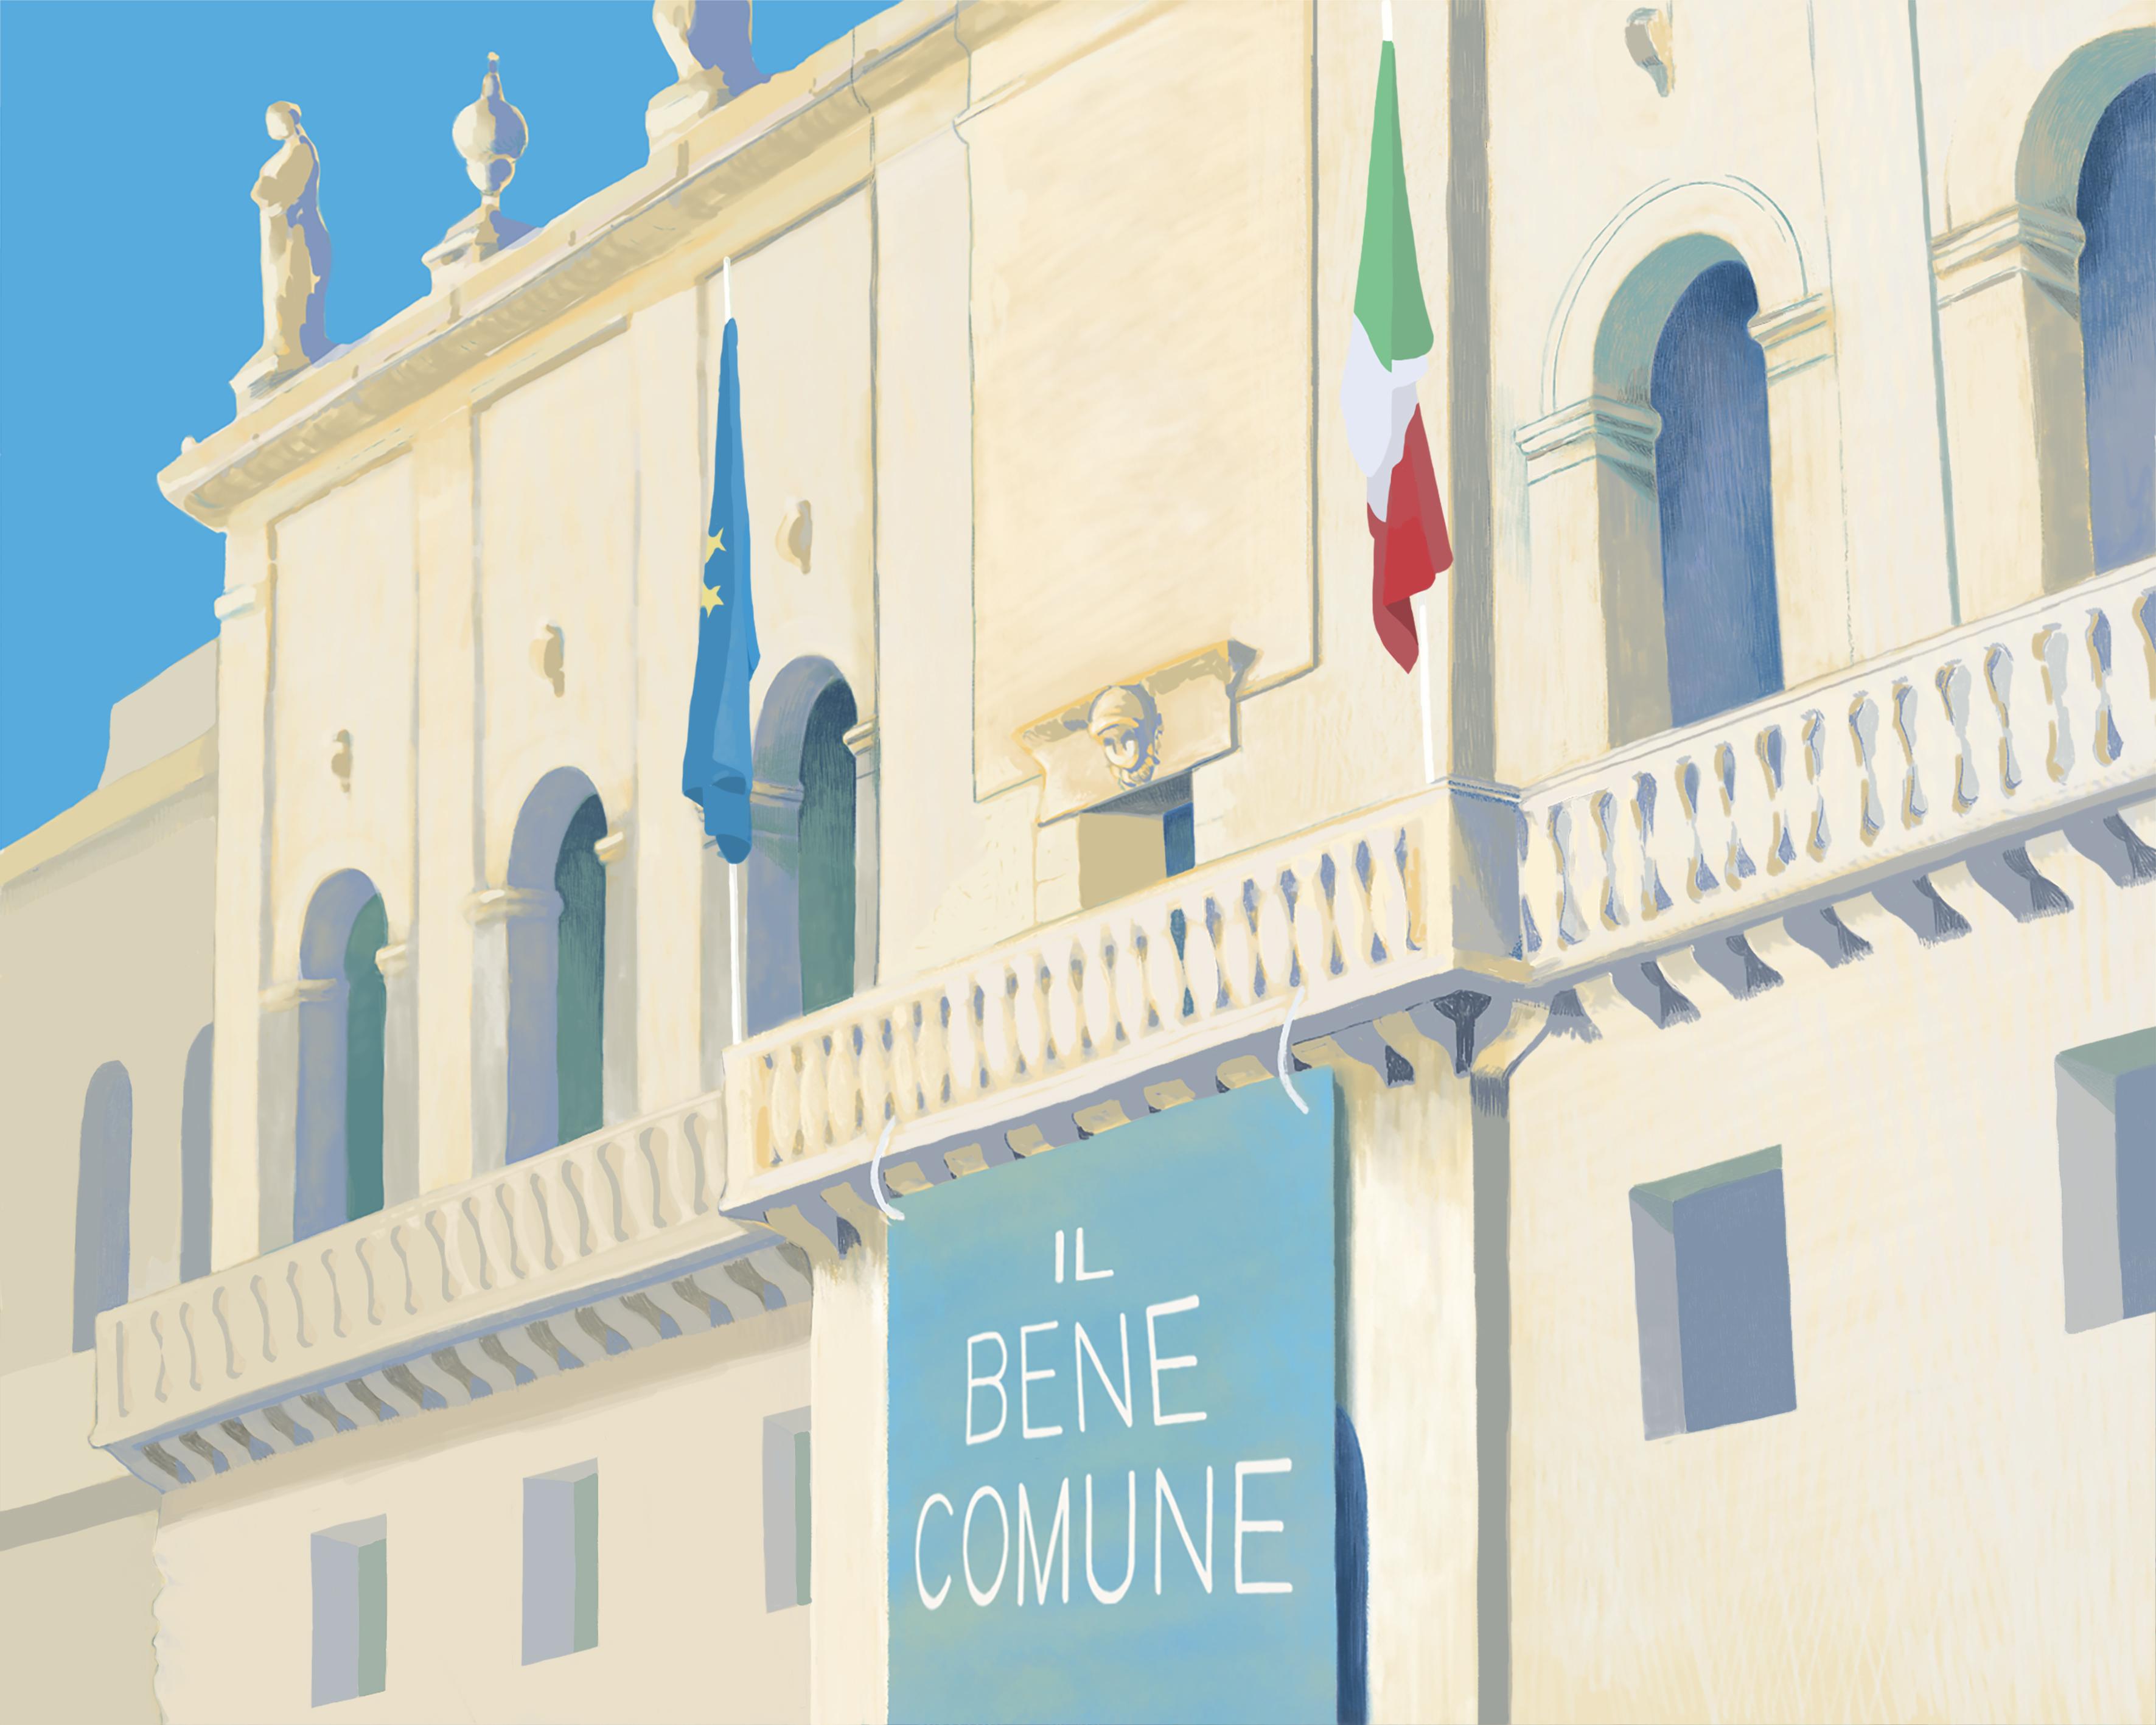 Regolamento per la gestione condivisa dei beni comuni - Palazzo Moroni